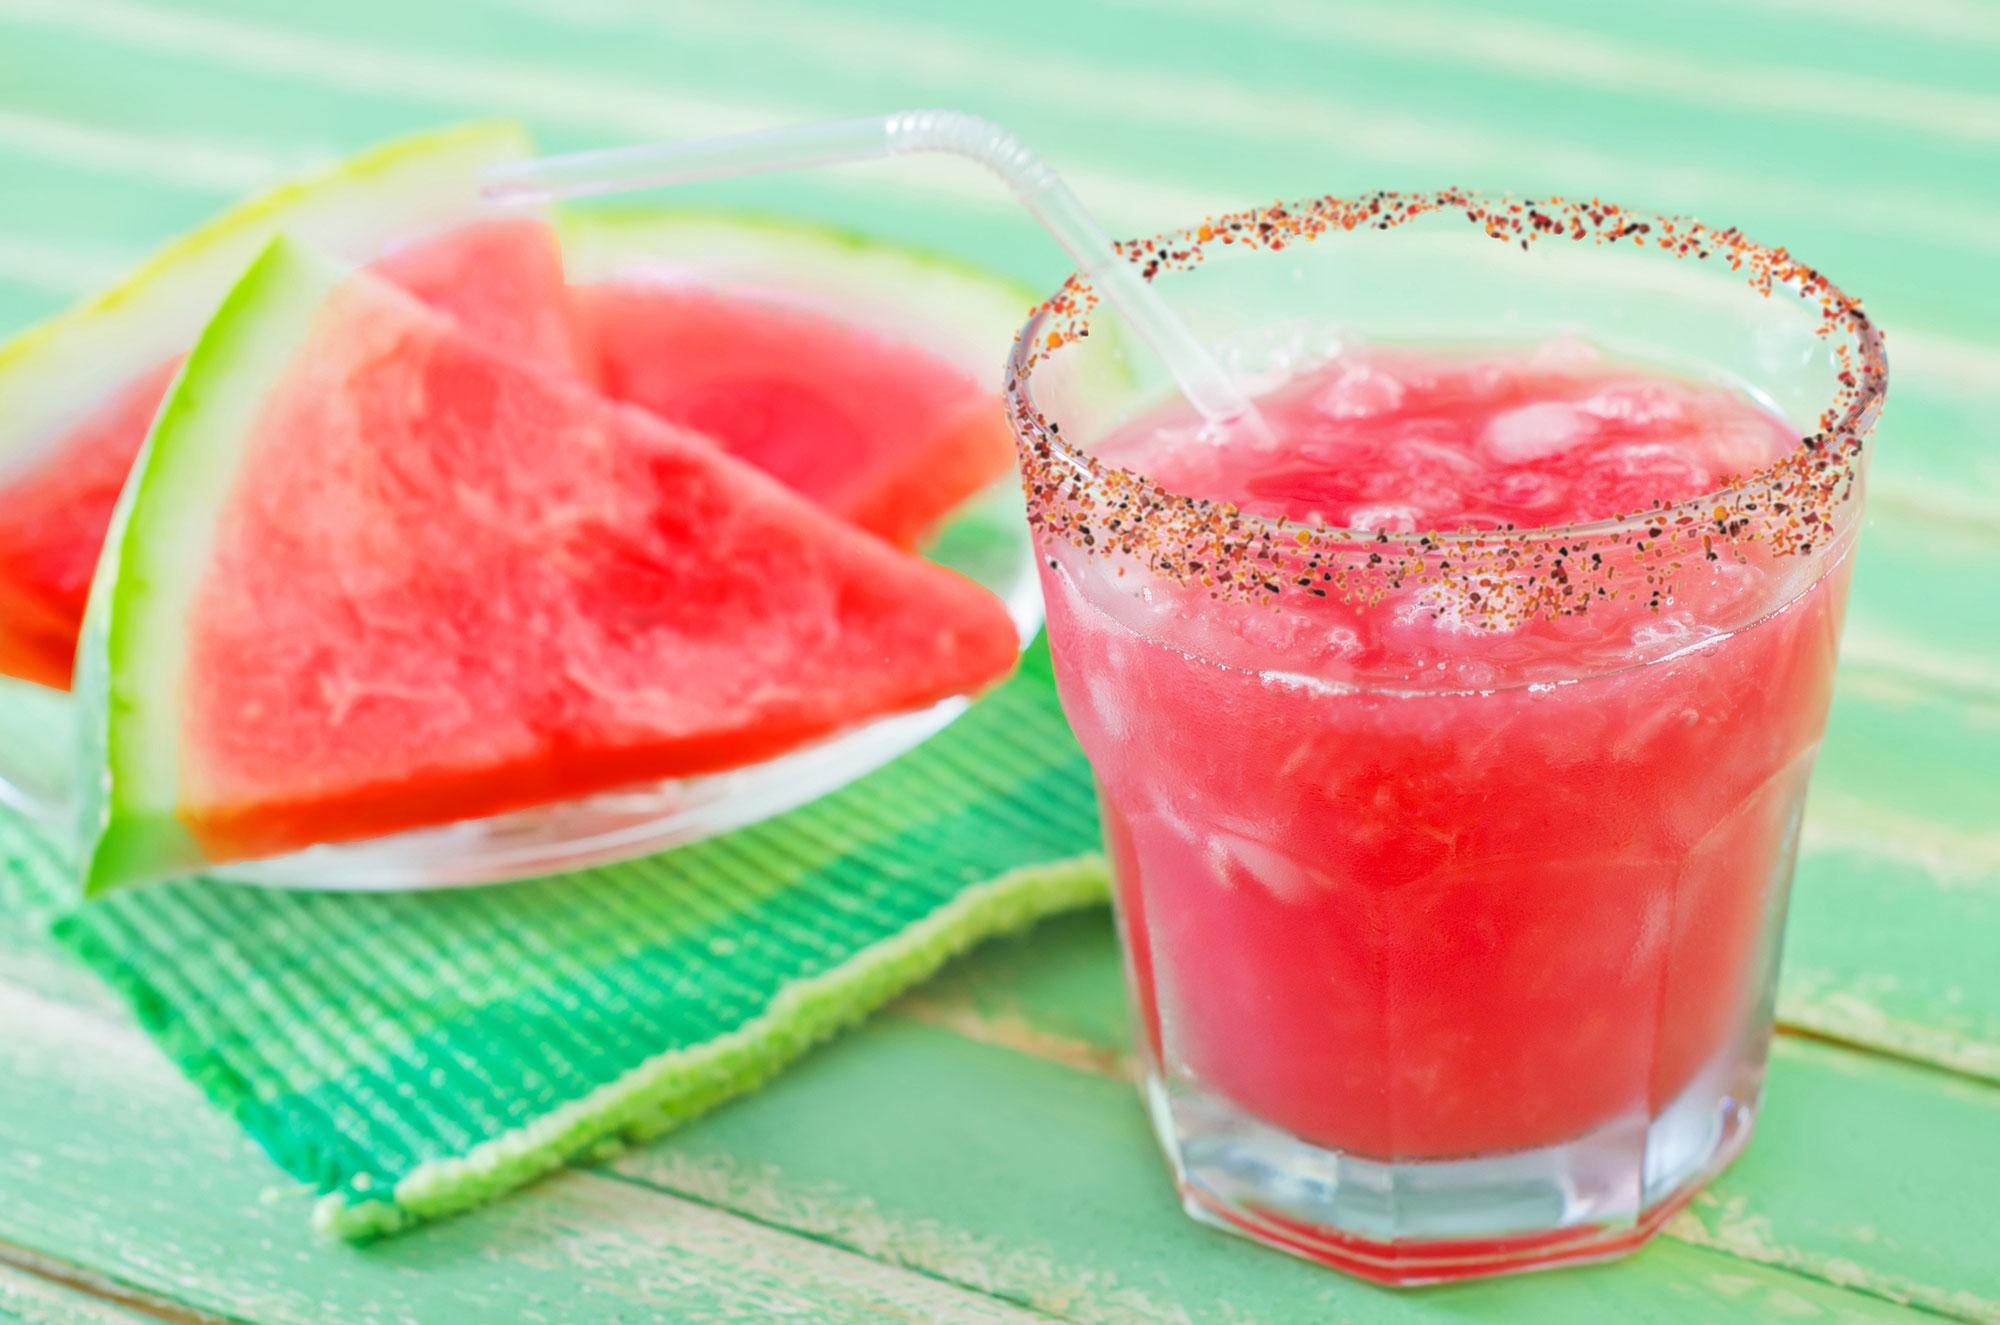 Watermelon Margarita With Tajin